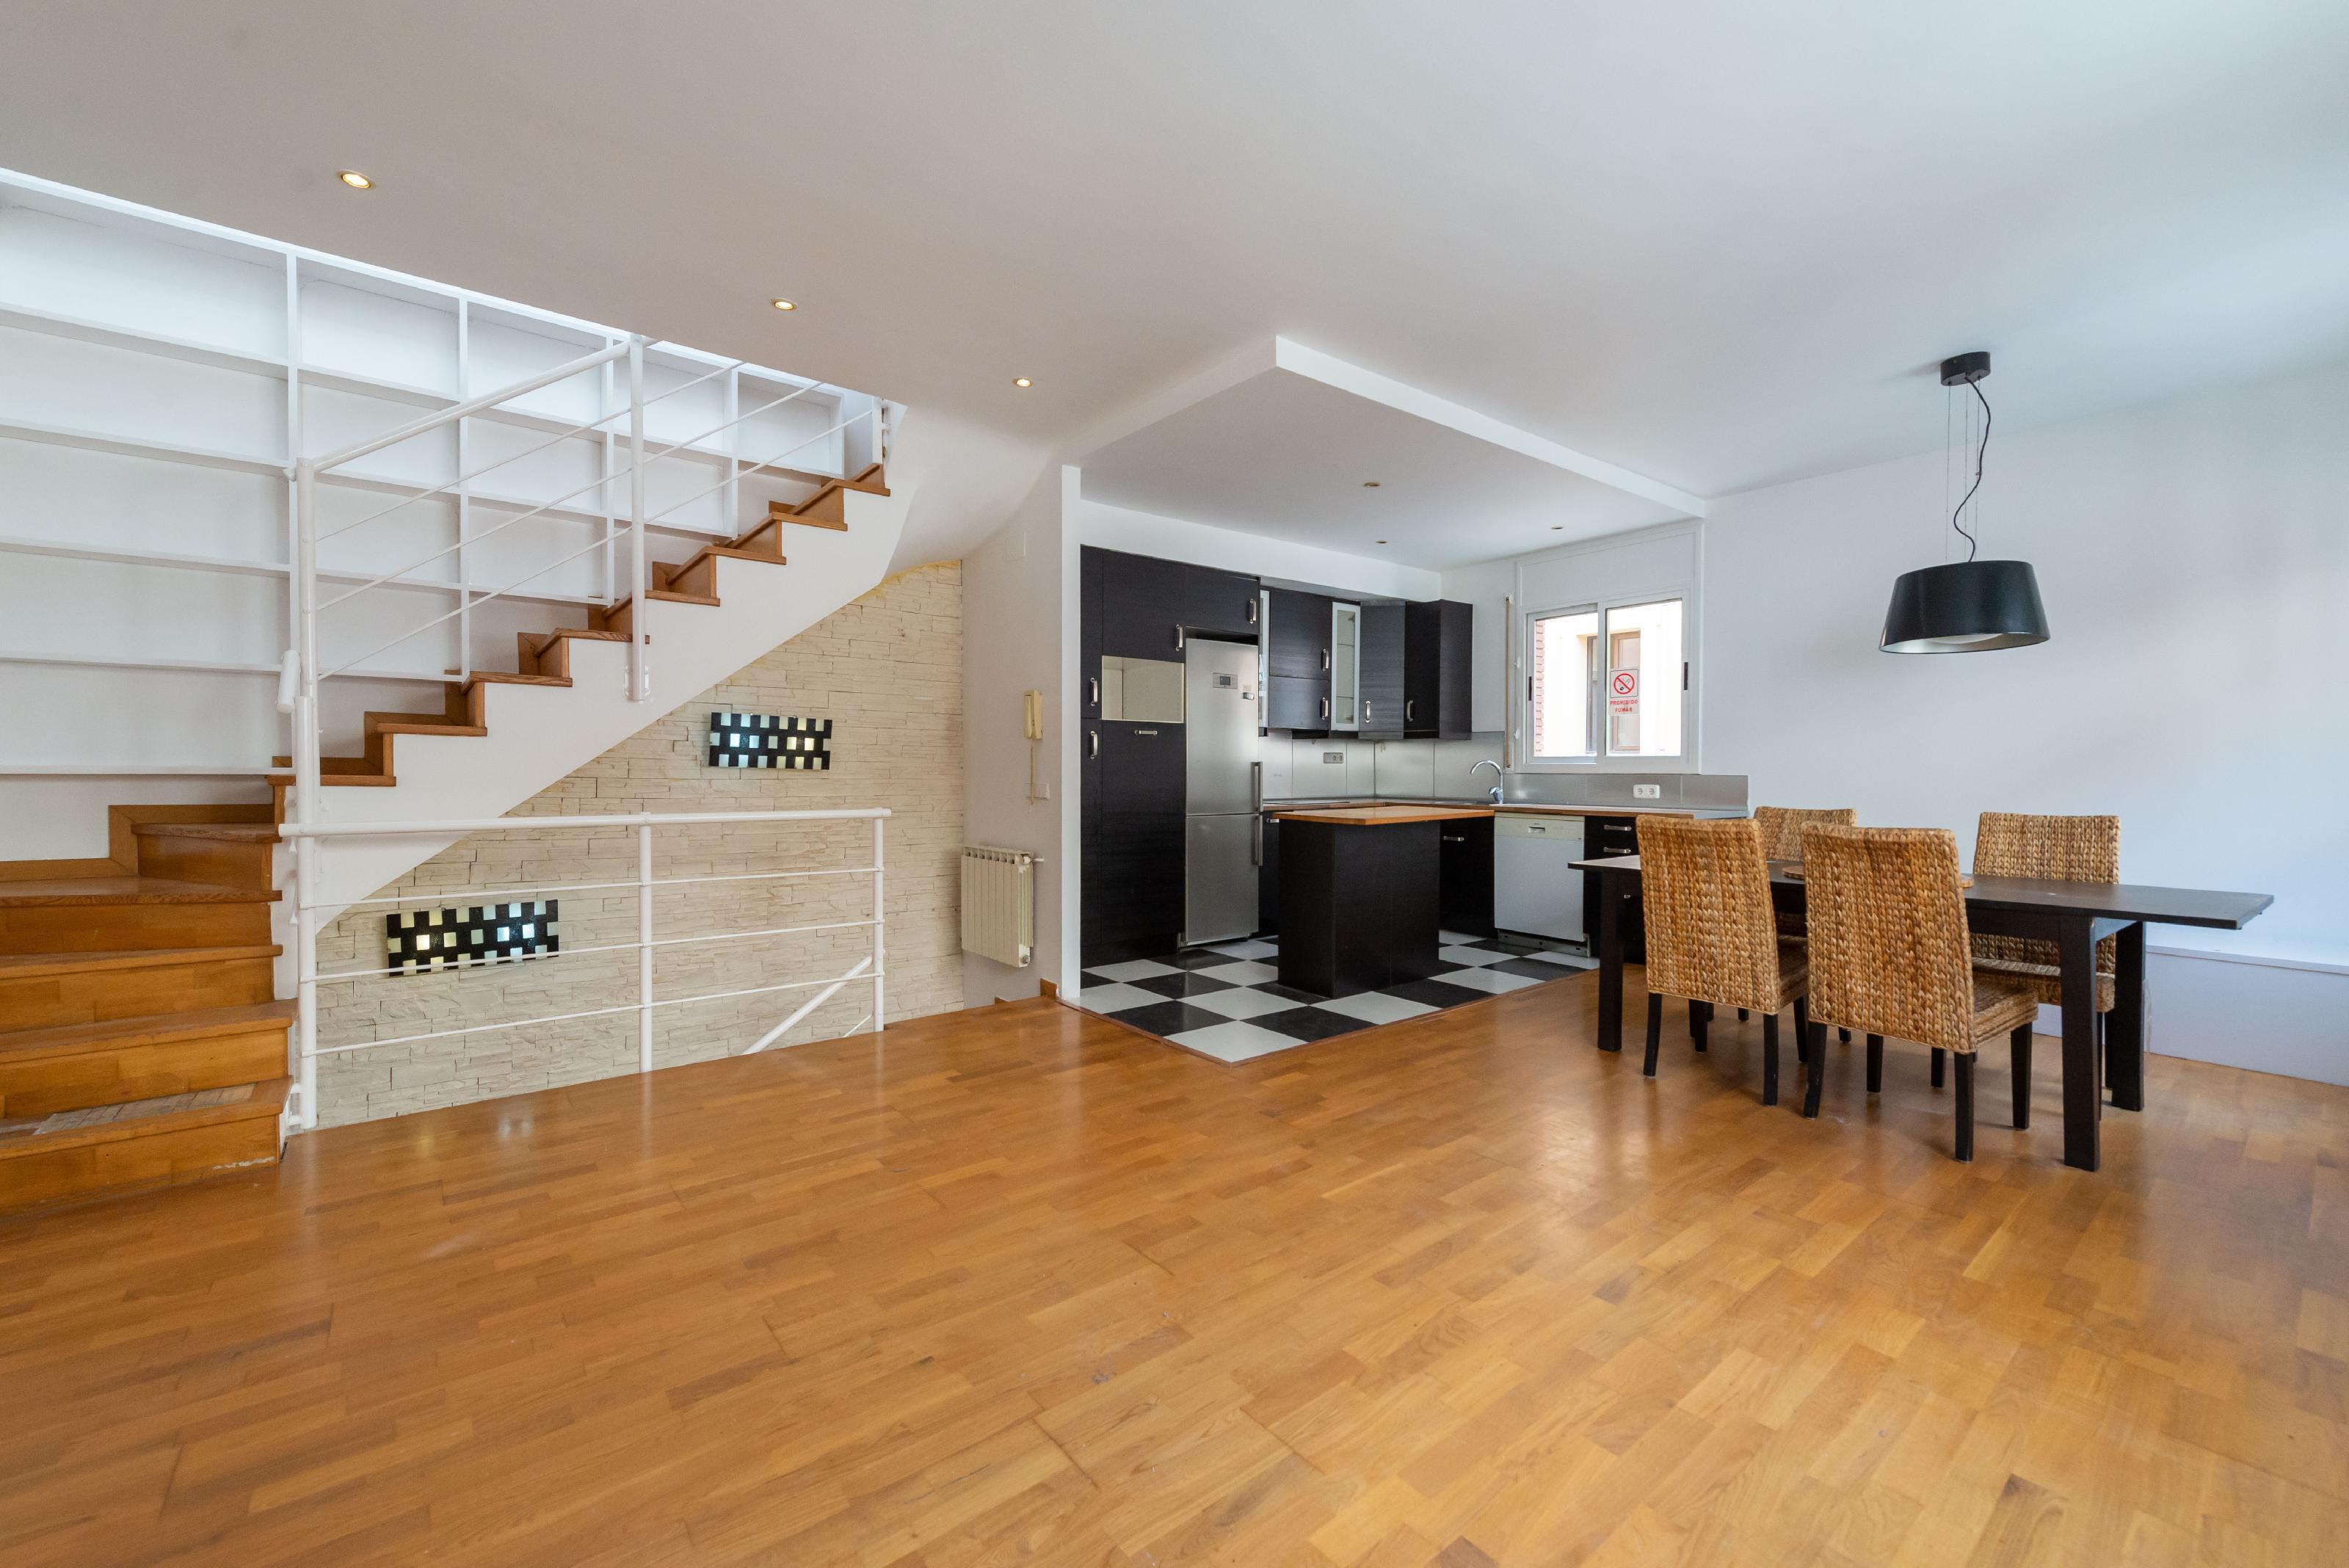 249634 House for sale in Gràcia, Vila de Gràcia 4